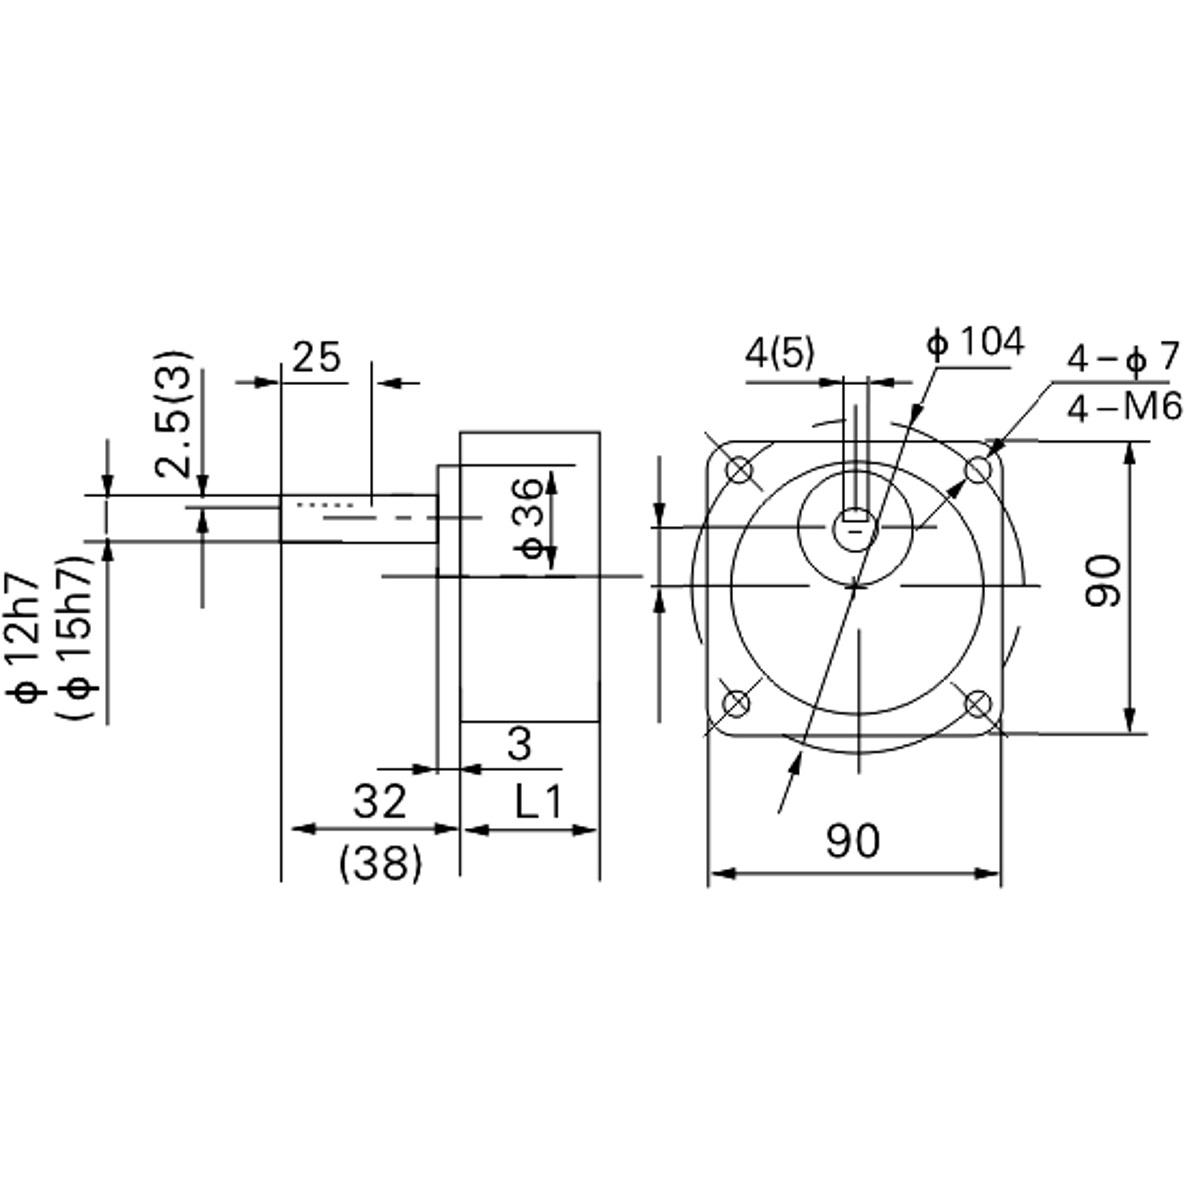 5 Volt Dc Motor